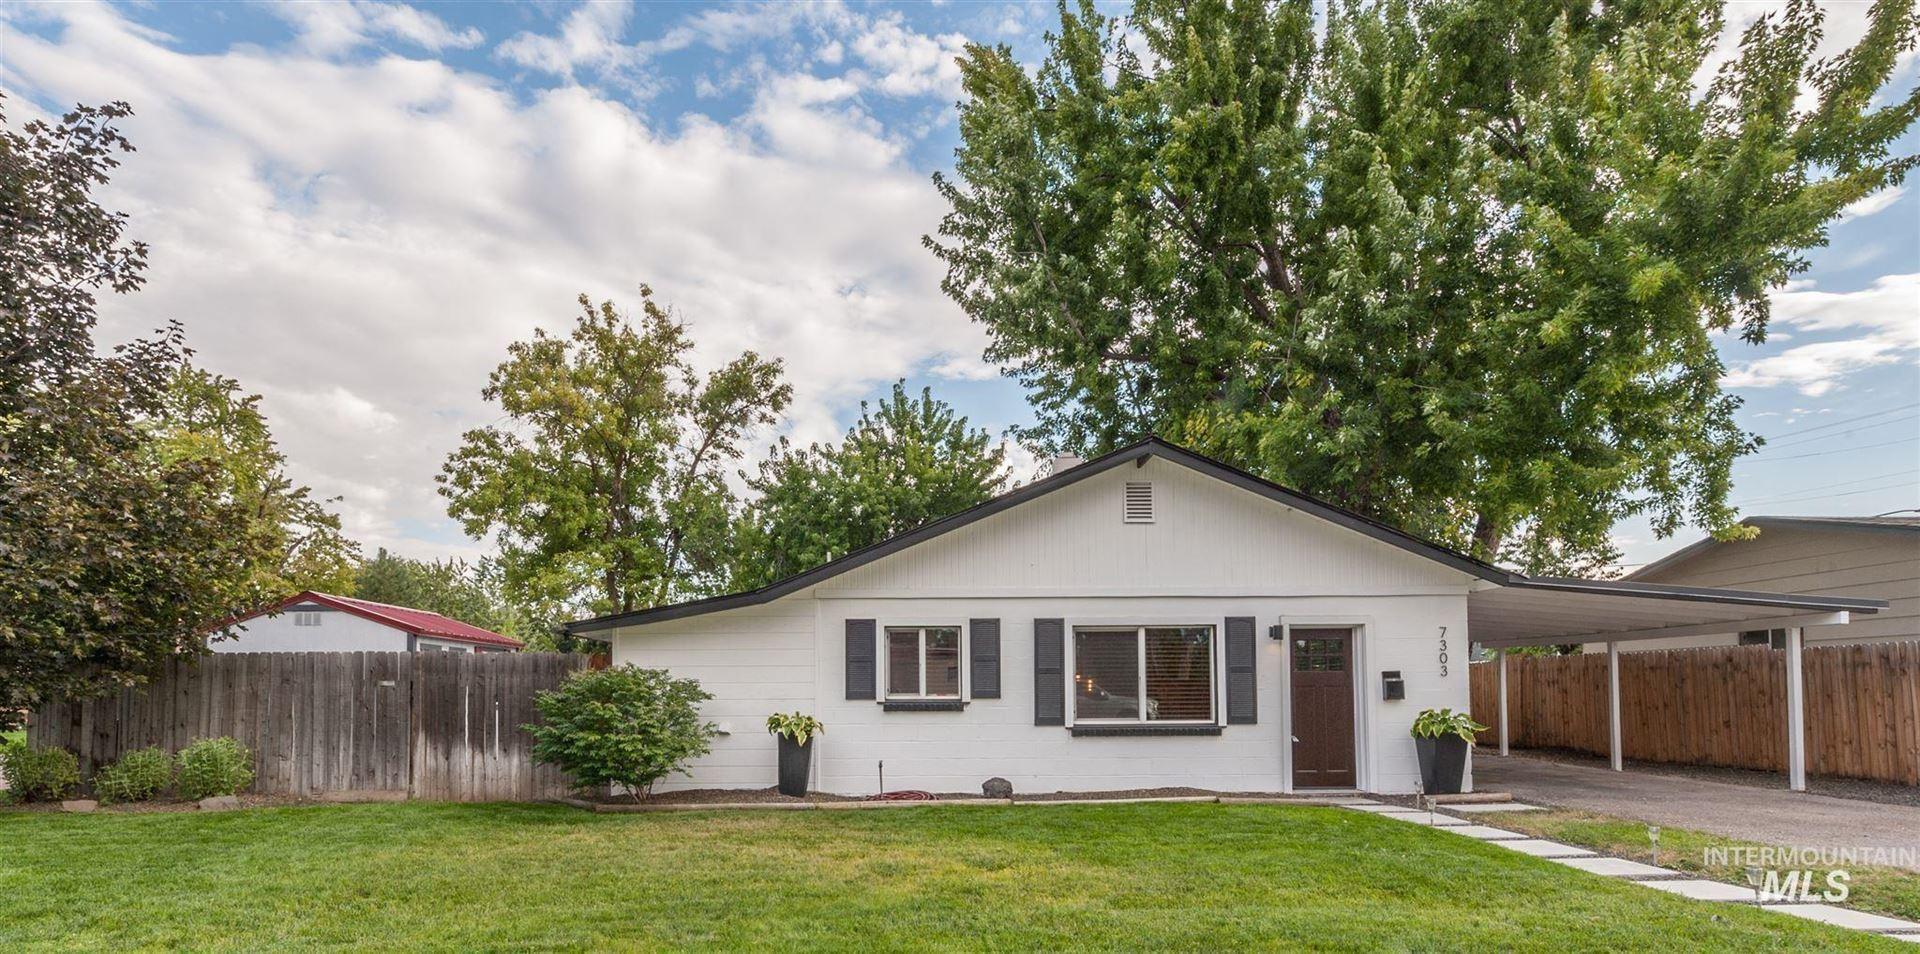 7303 W Ashland, Boise, ID 83709 - MLS#: 98820935